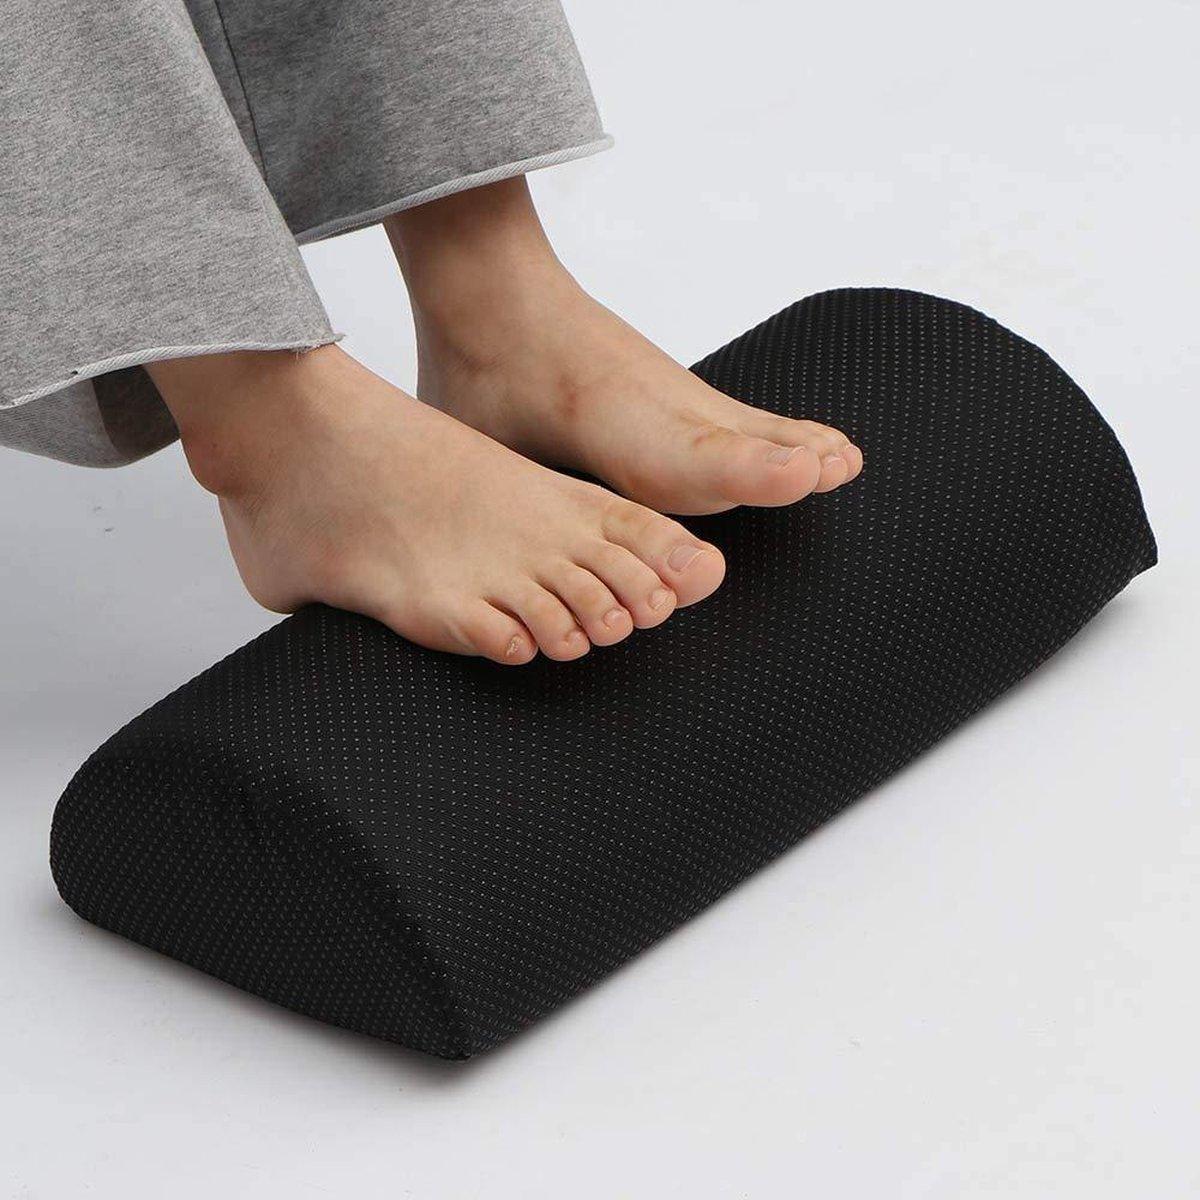 Nava® Voetenbank | Ergonomische voetsteunkussen voor verbeterde zithouding achter bureau | Verstelbare voetsteun onder bureau | Voeten kussen ondersteunen schuimkussen halve cilinder voor kantoor thuis